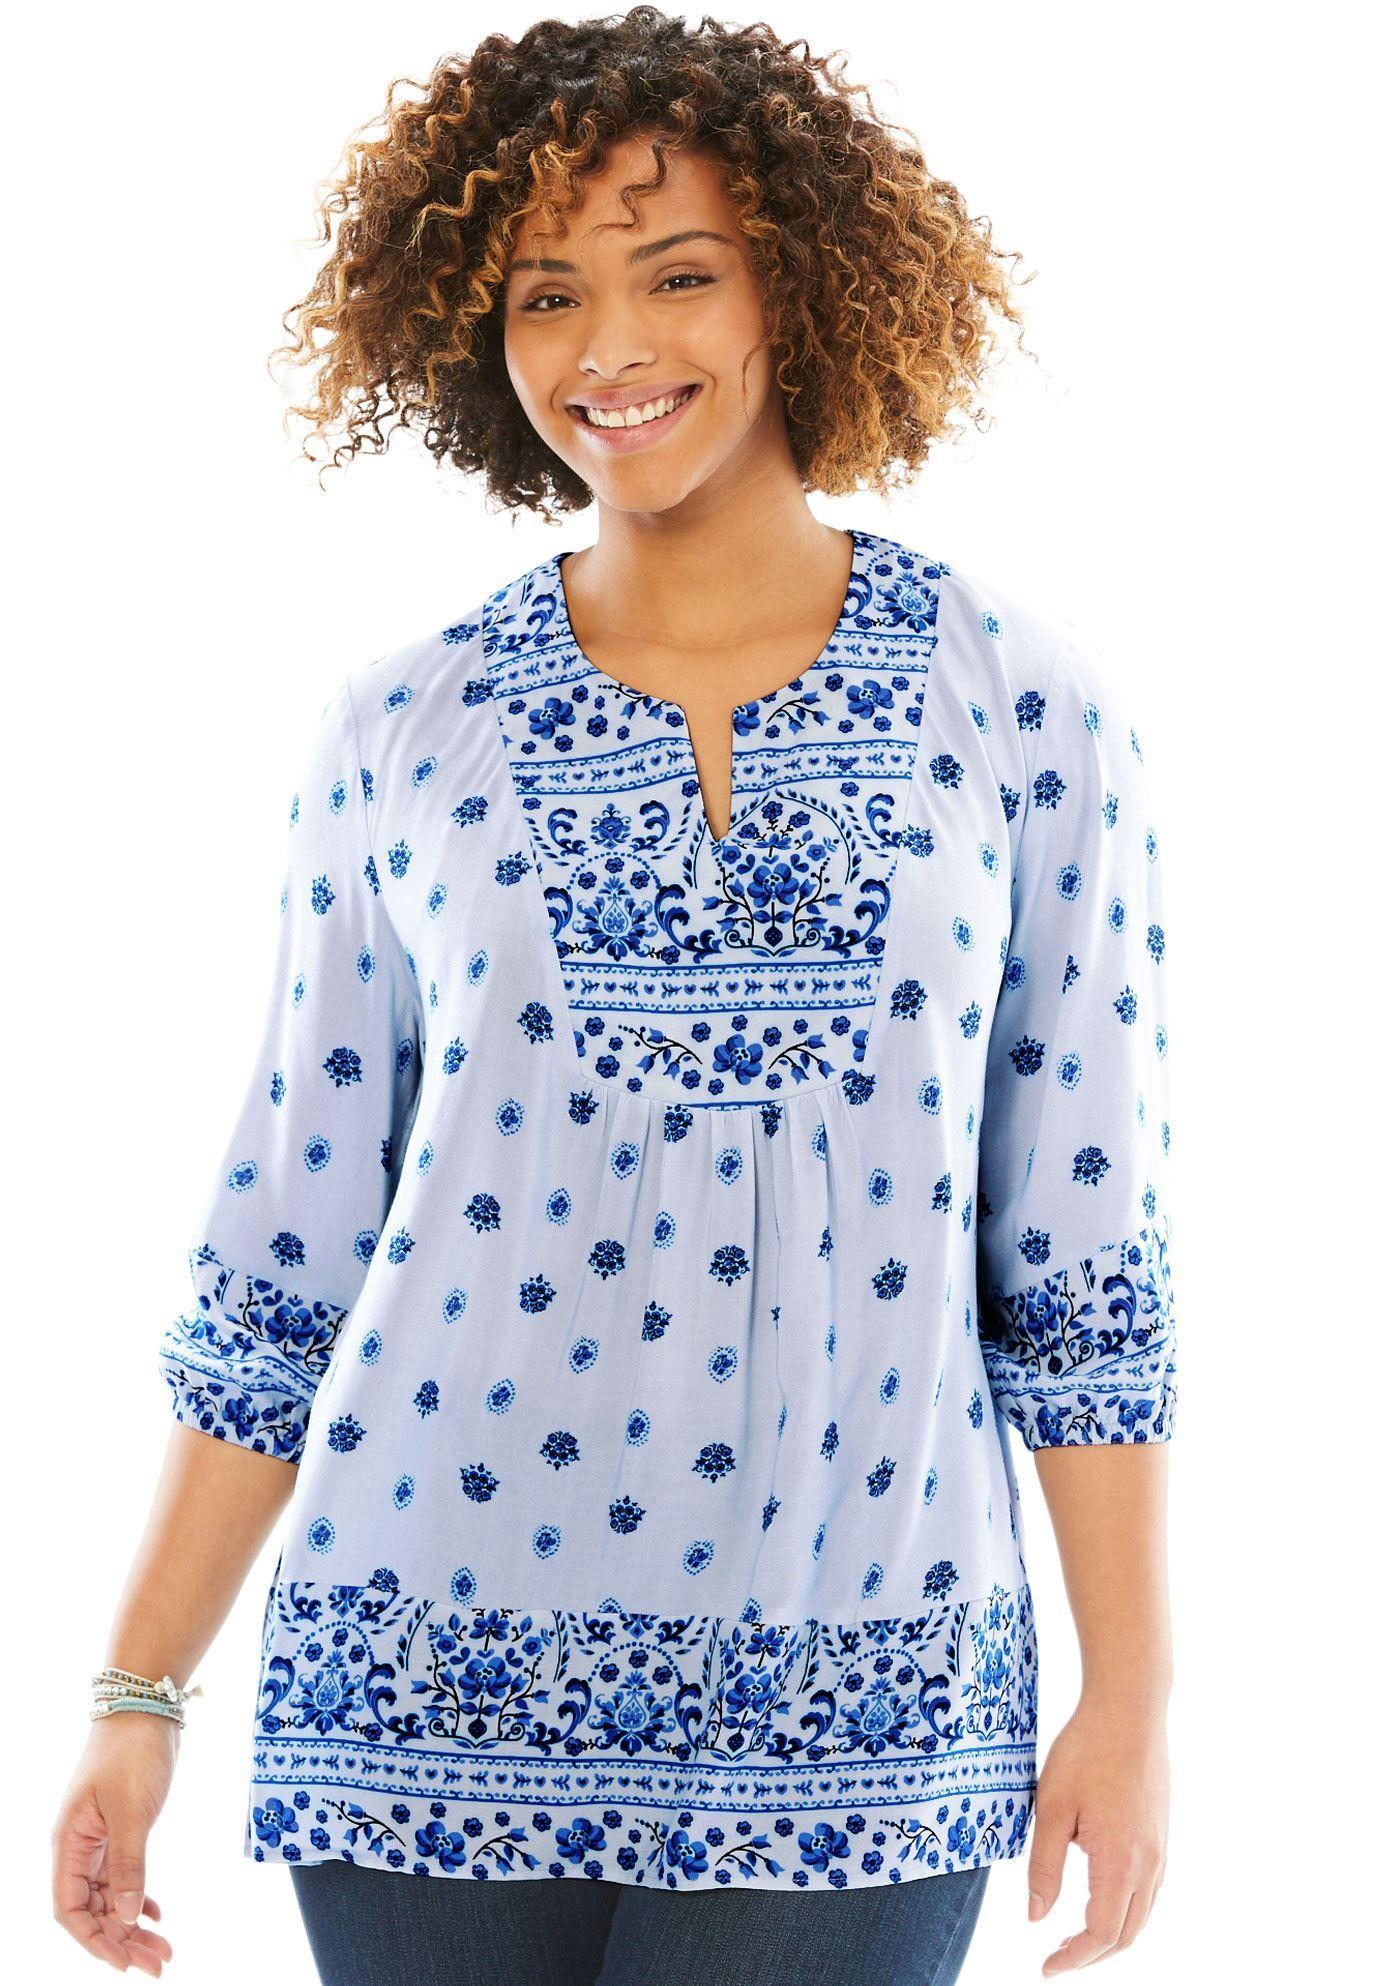 c7af77c1c48 Floral Print Peasant Blouse - Women s Plus Size Clothing